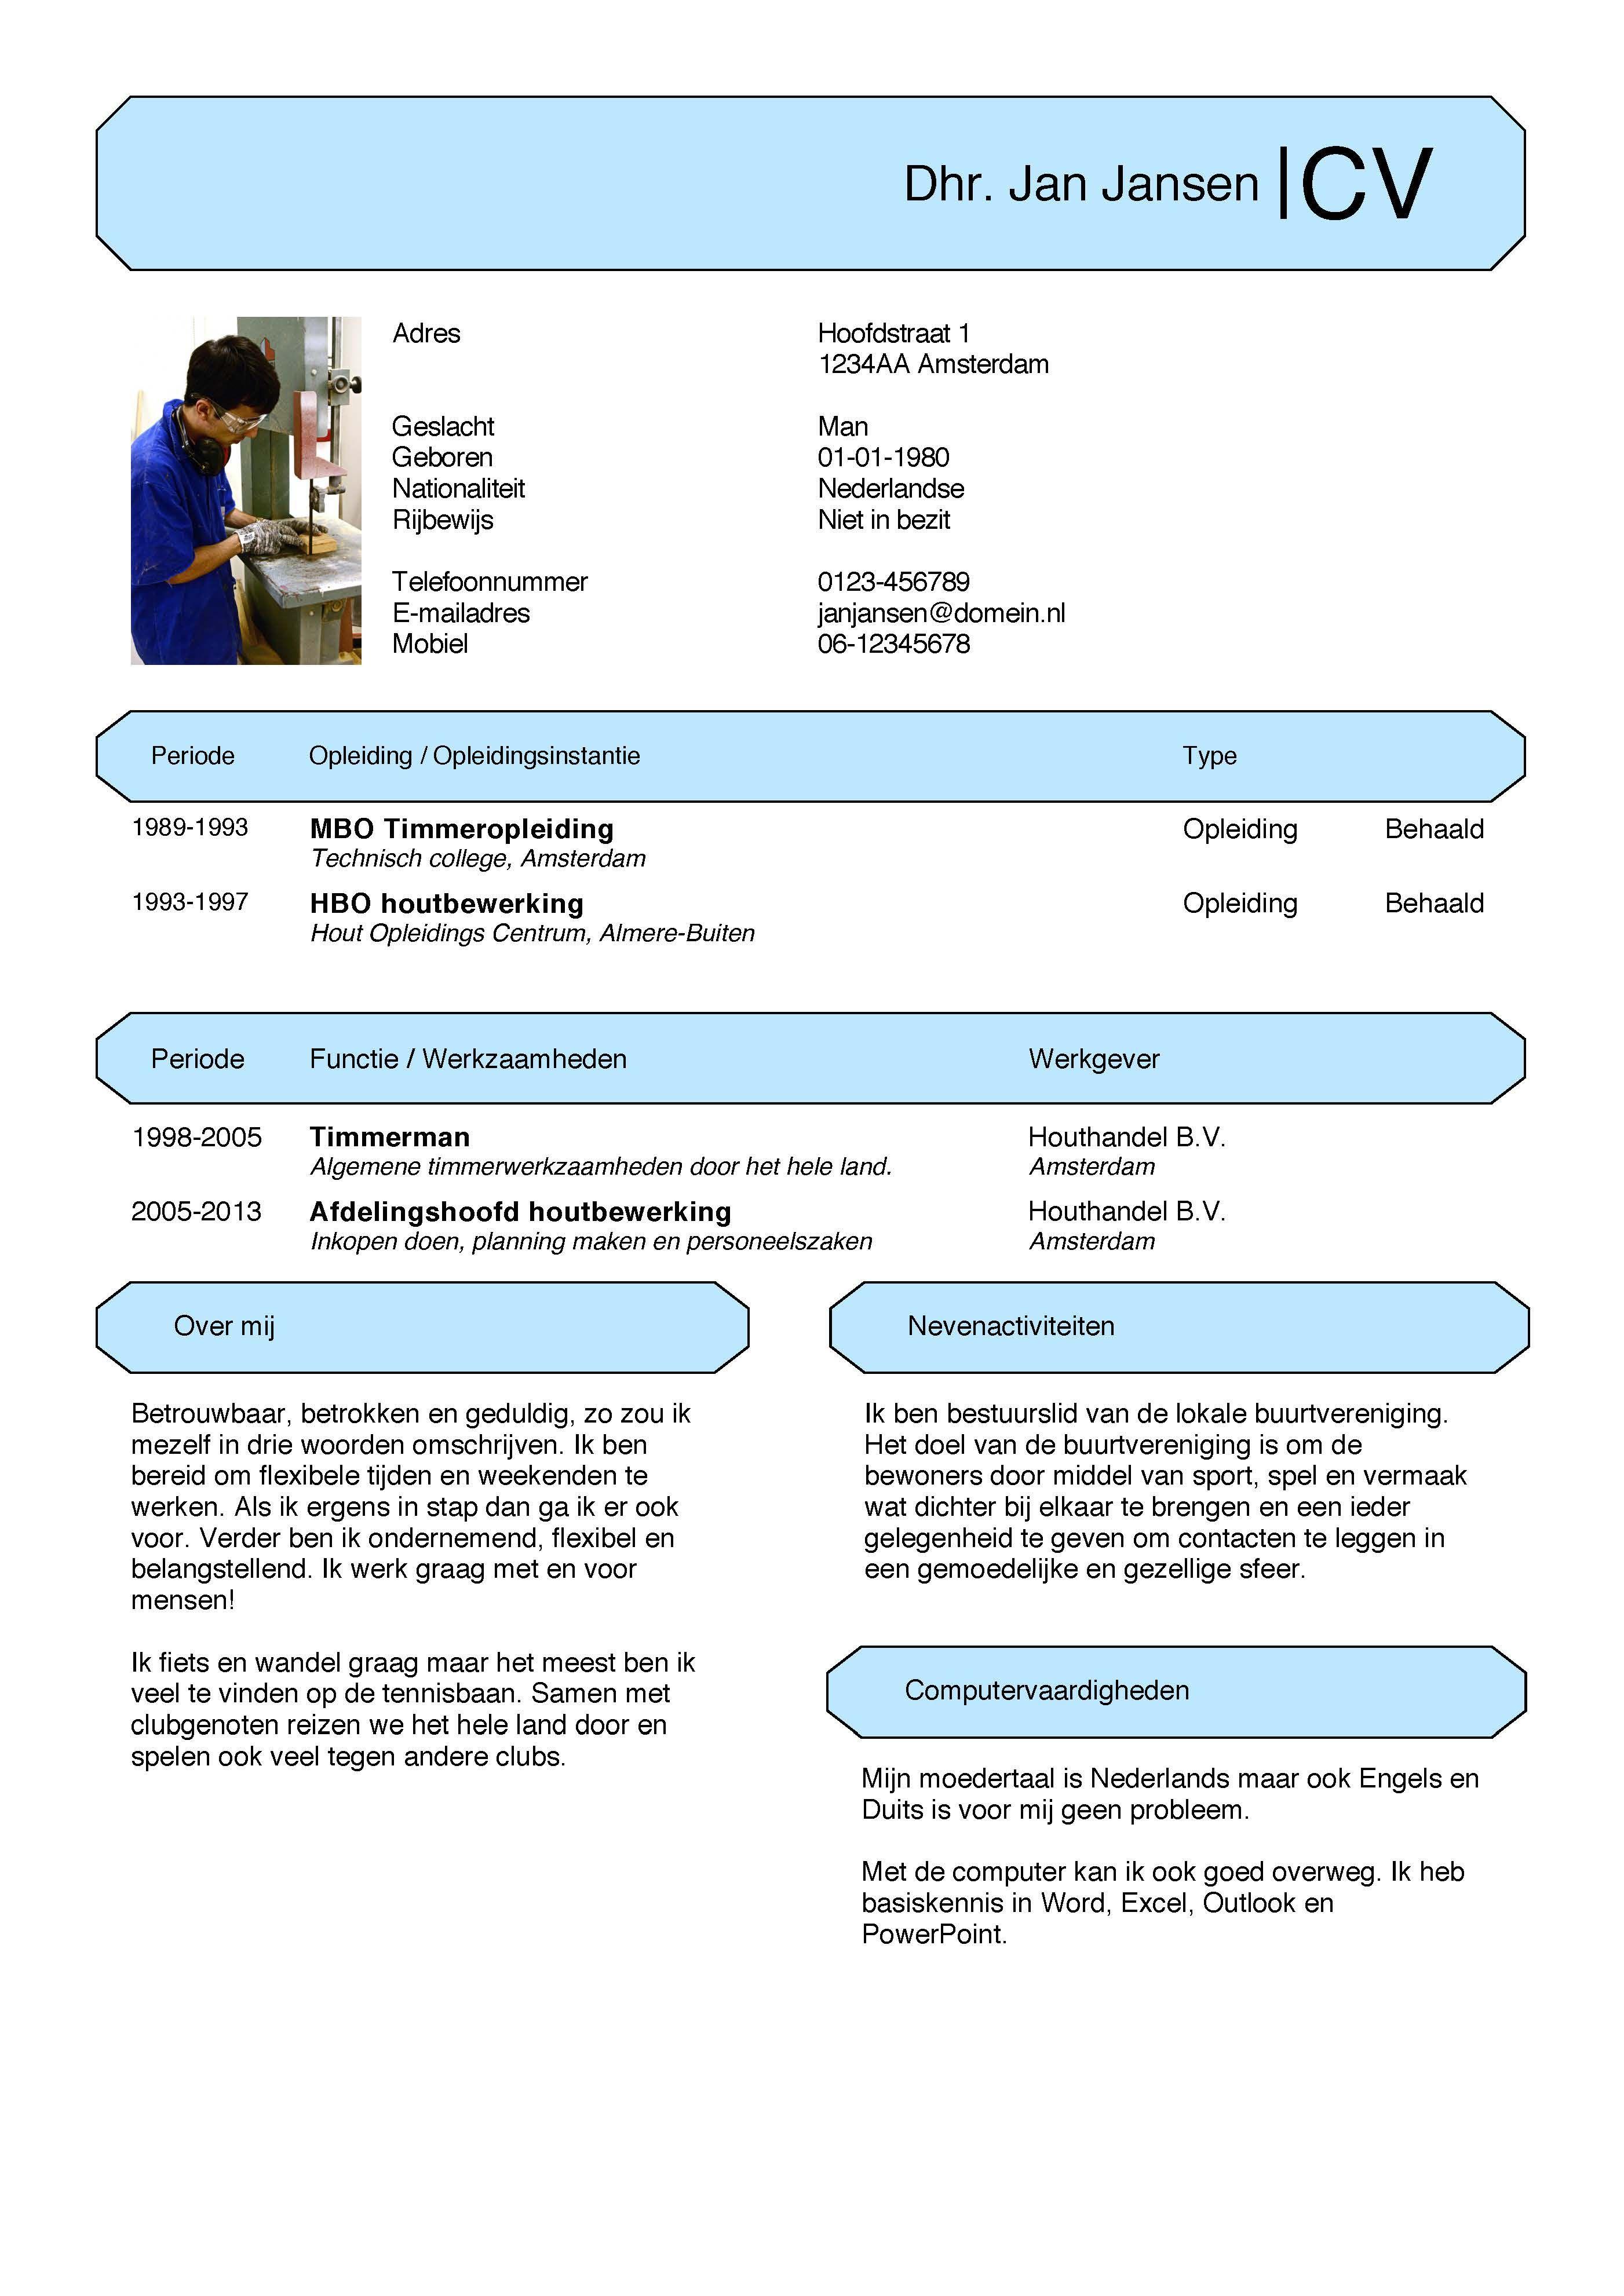 CV Voorbeeld   Eenvoudige, gratis CV | sollicitatie | Pinterest